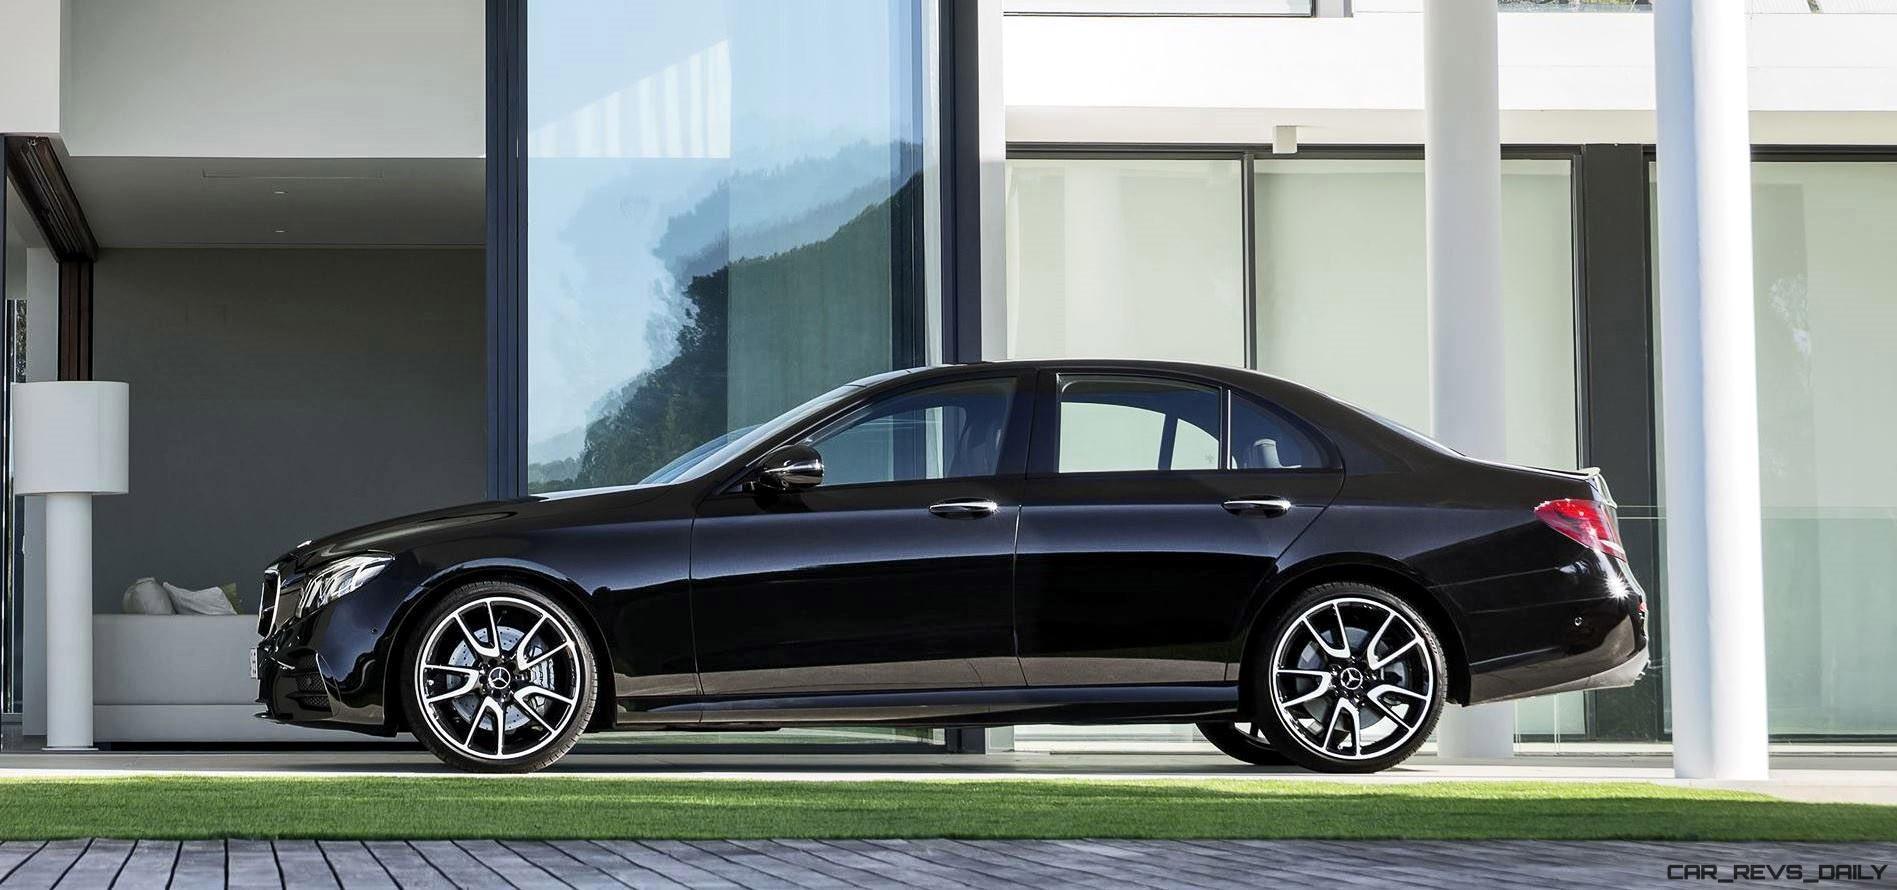 http://www.car-revs-daily.com/wp-content/uploads/2016/03/2017-Mercedes-AMG-E43-7.jpg